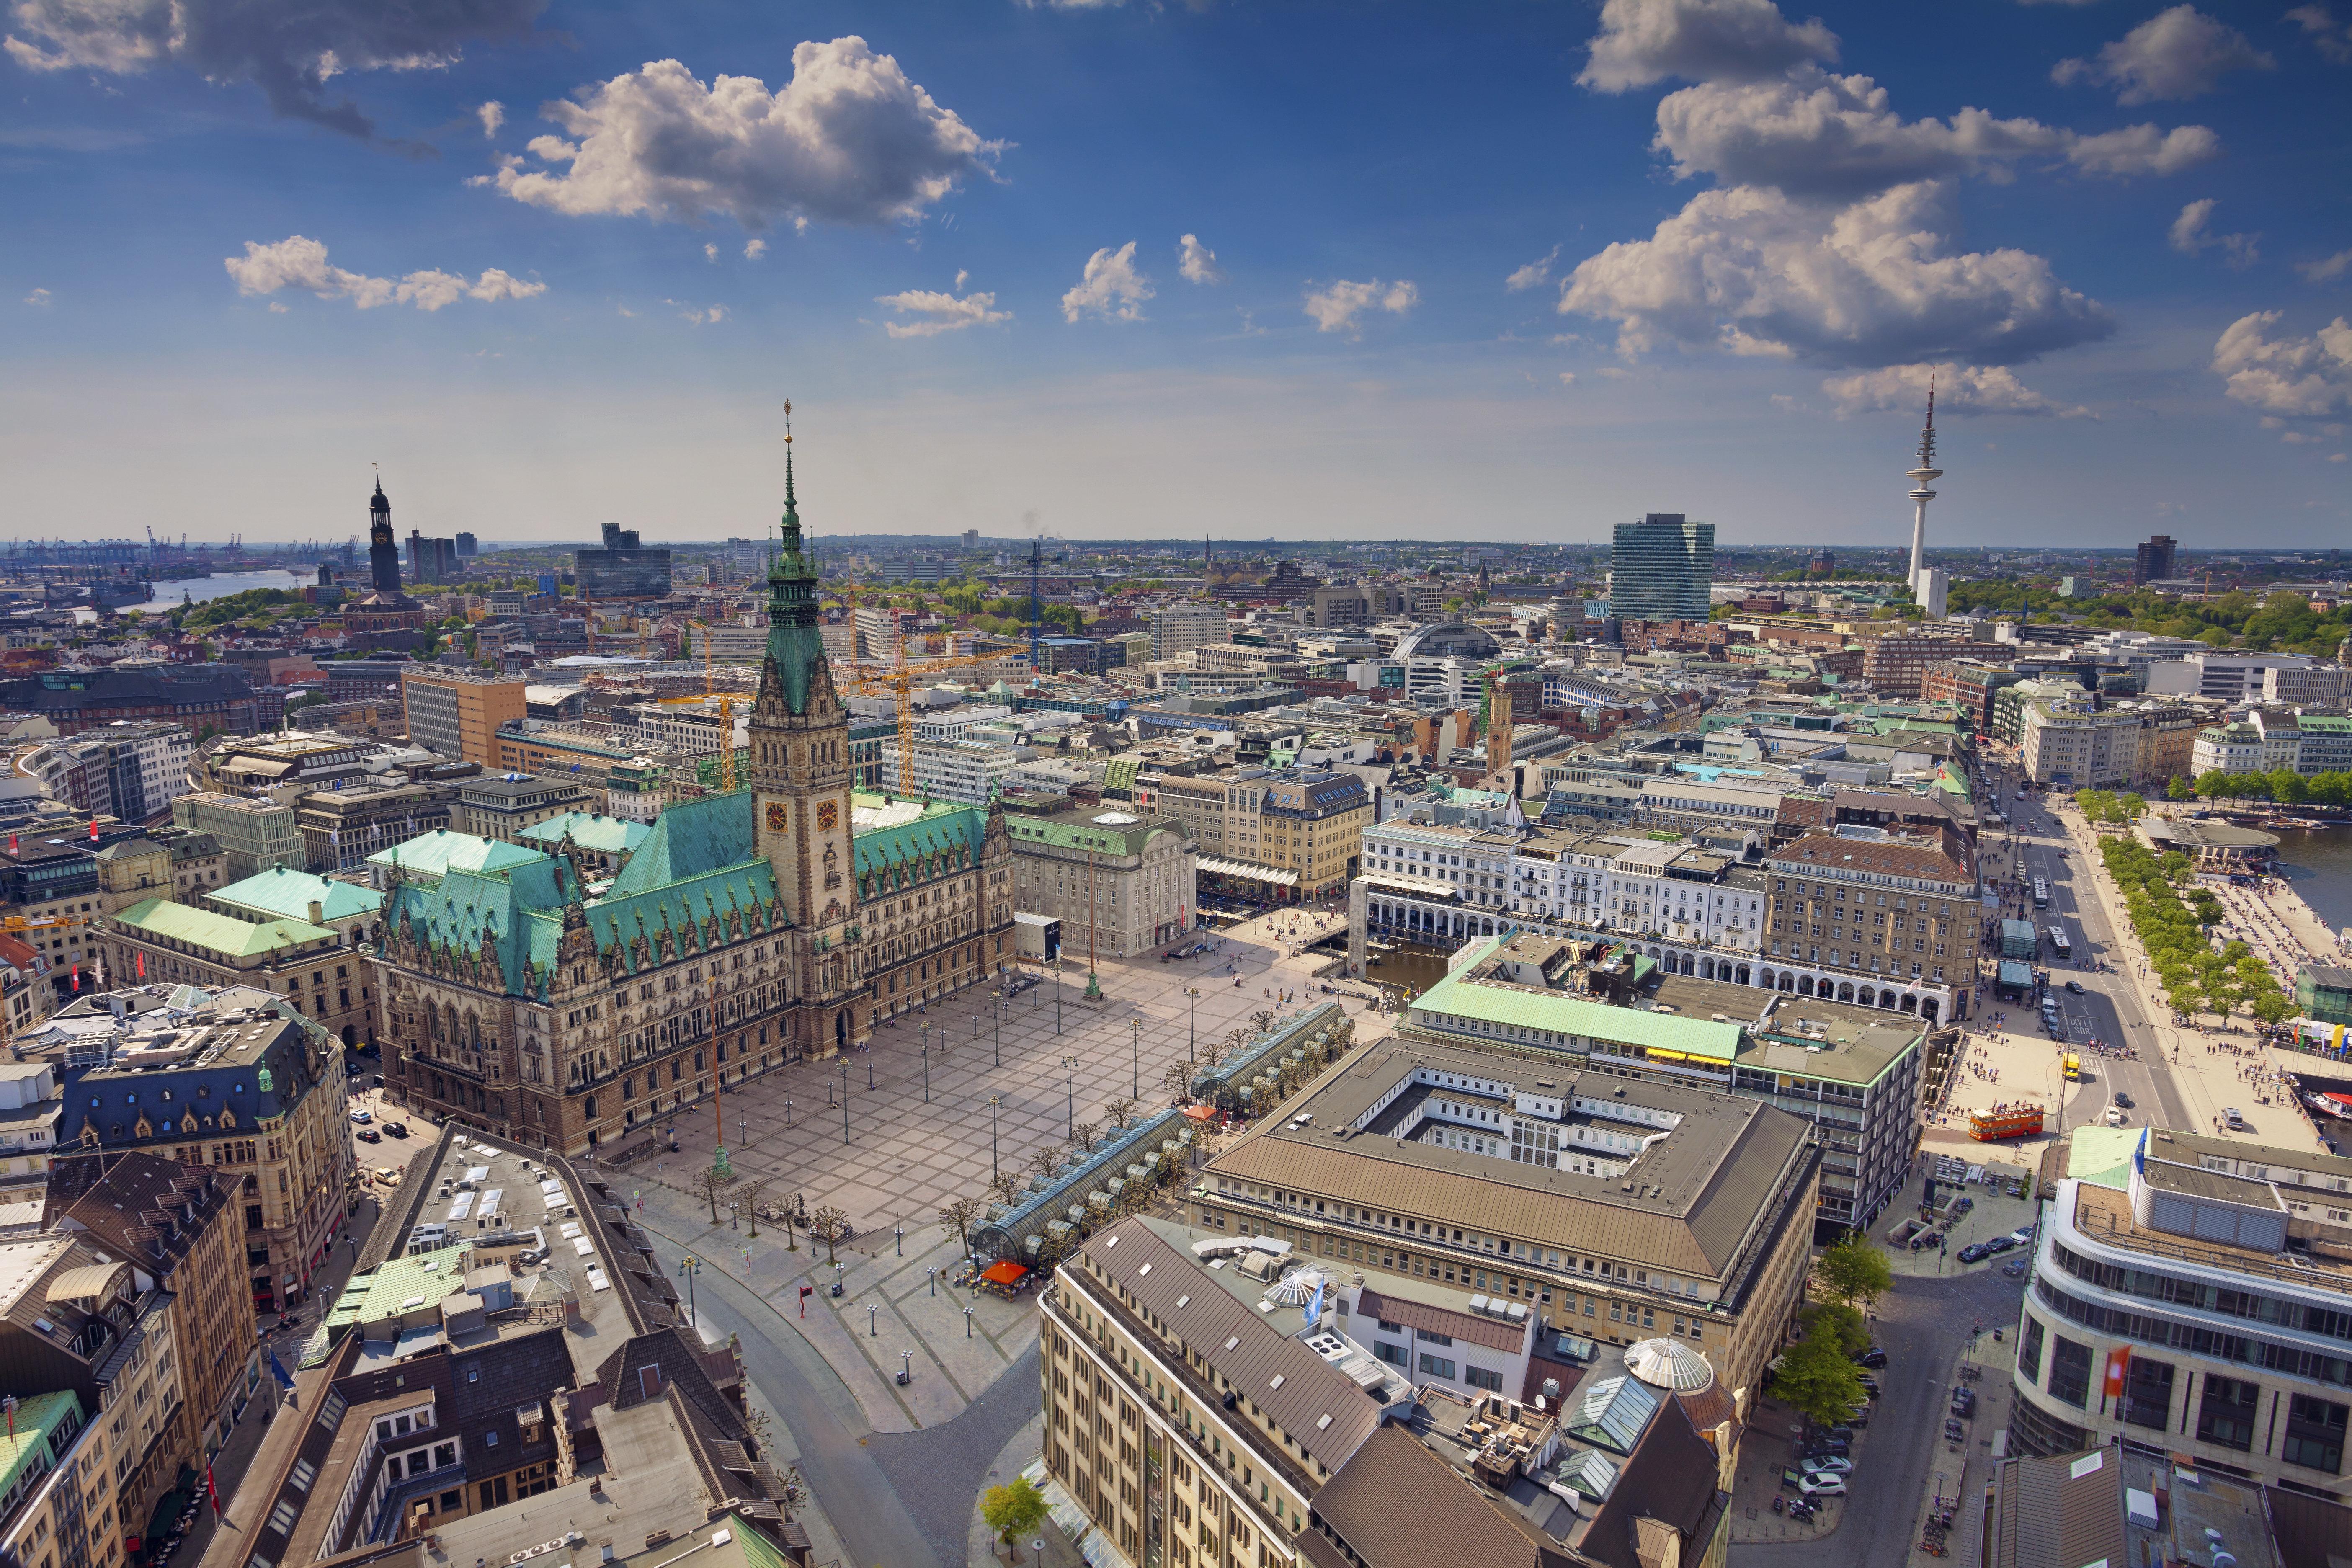 Hamburg erhöht Miete von städtischen Wohnungen: Jetzt droht hunderten Menschen Hartz IV